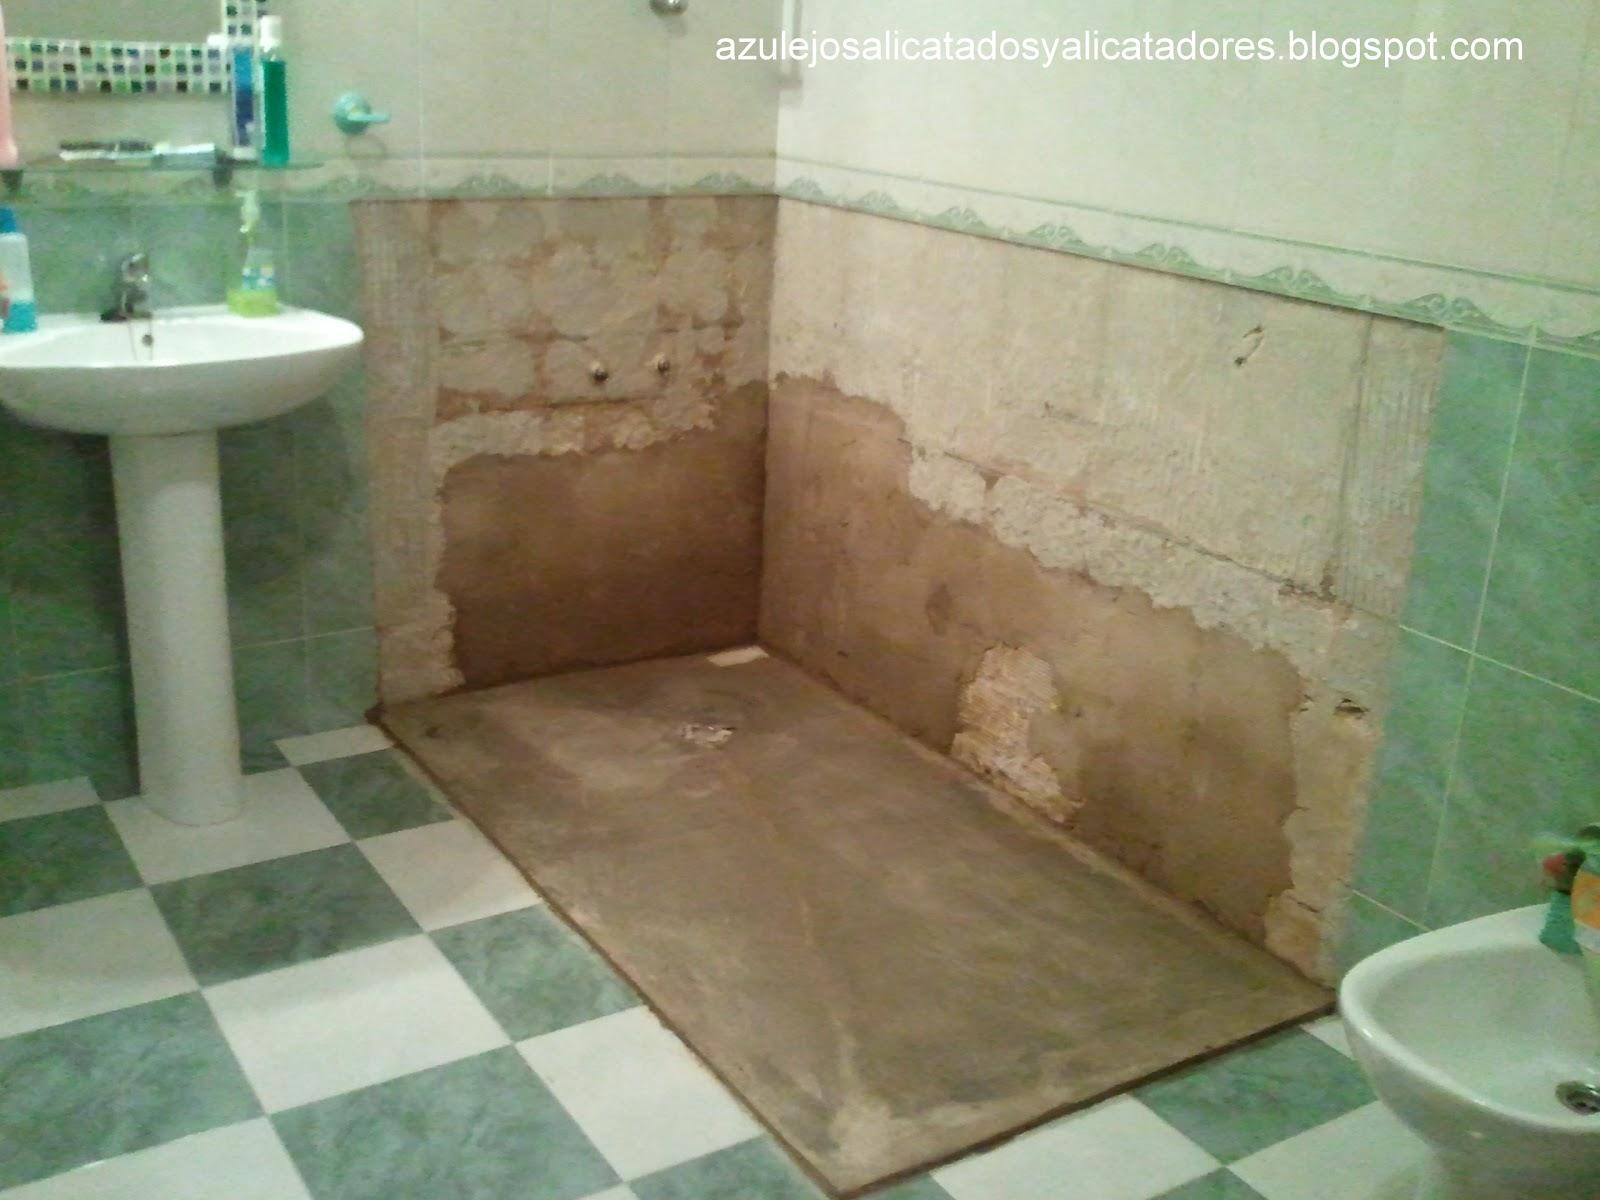 Azulejos alicatados y alicatadores ducha adaptada a - Azulejos para ducha ...